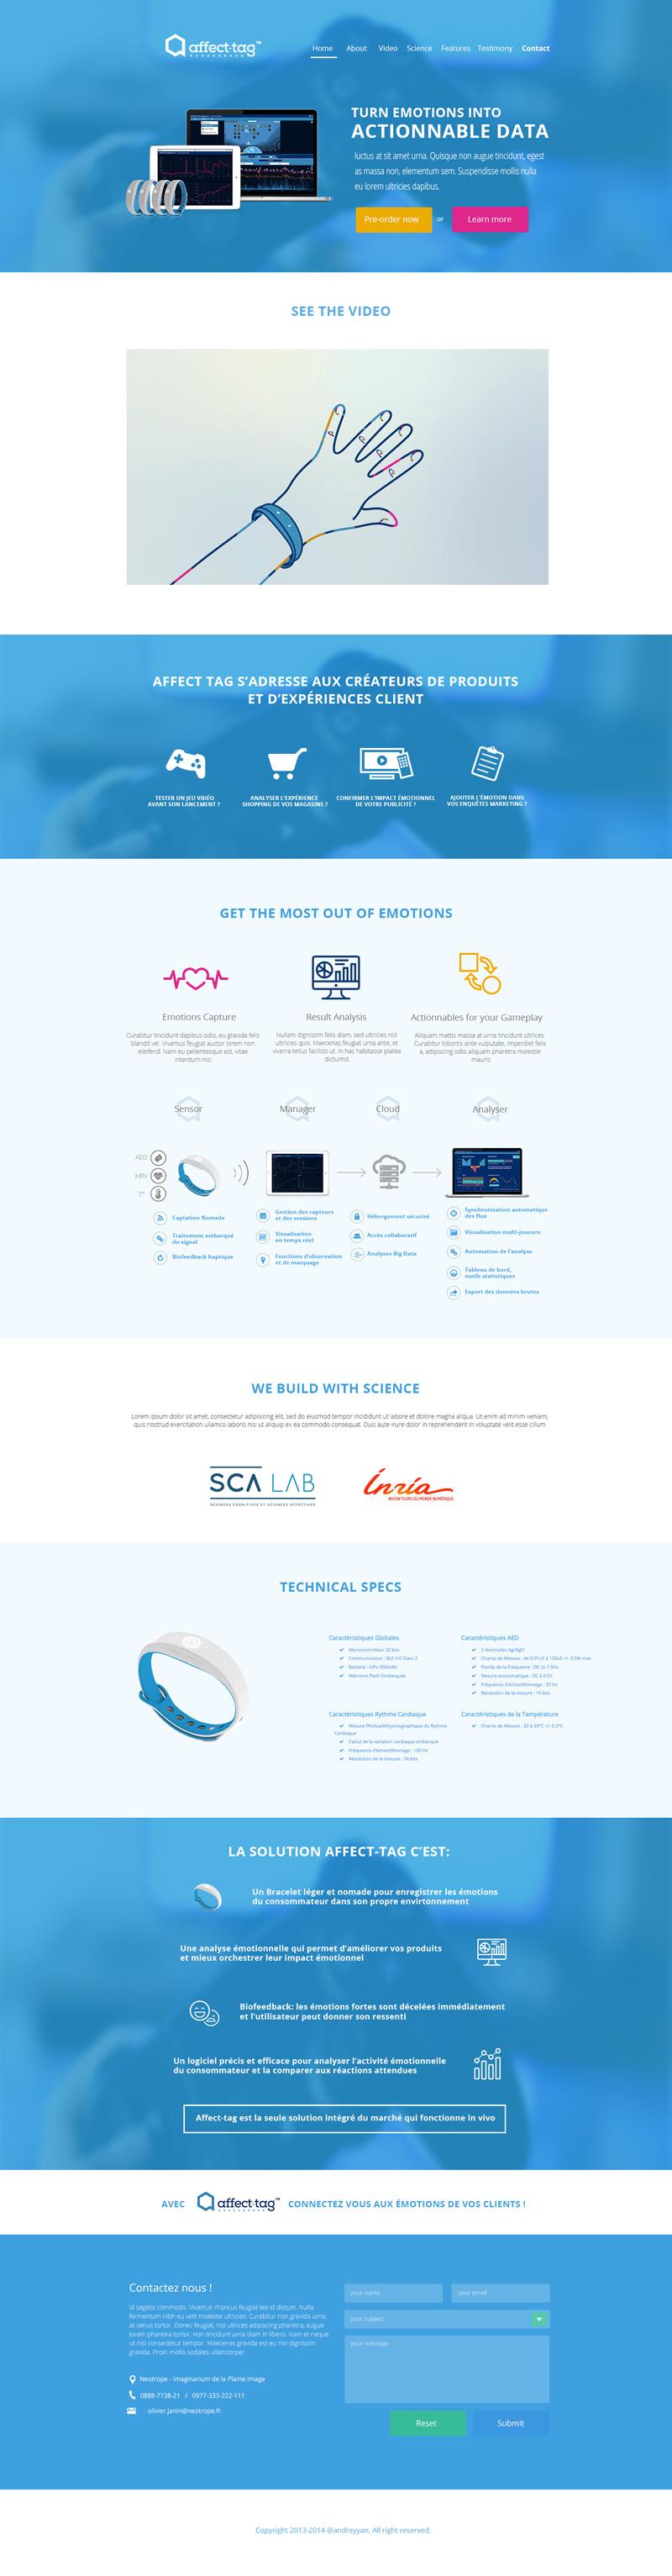 La maquette du site Affect-Tag